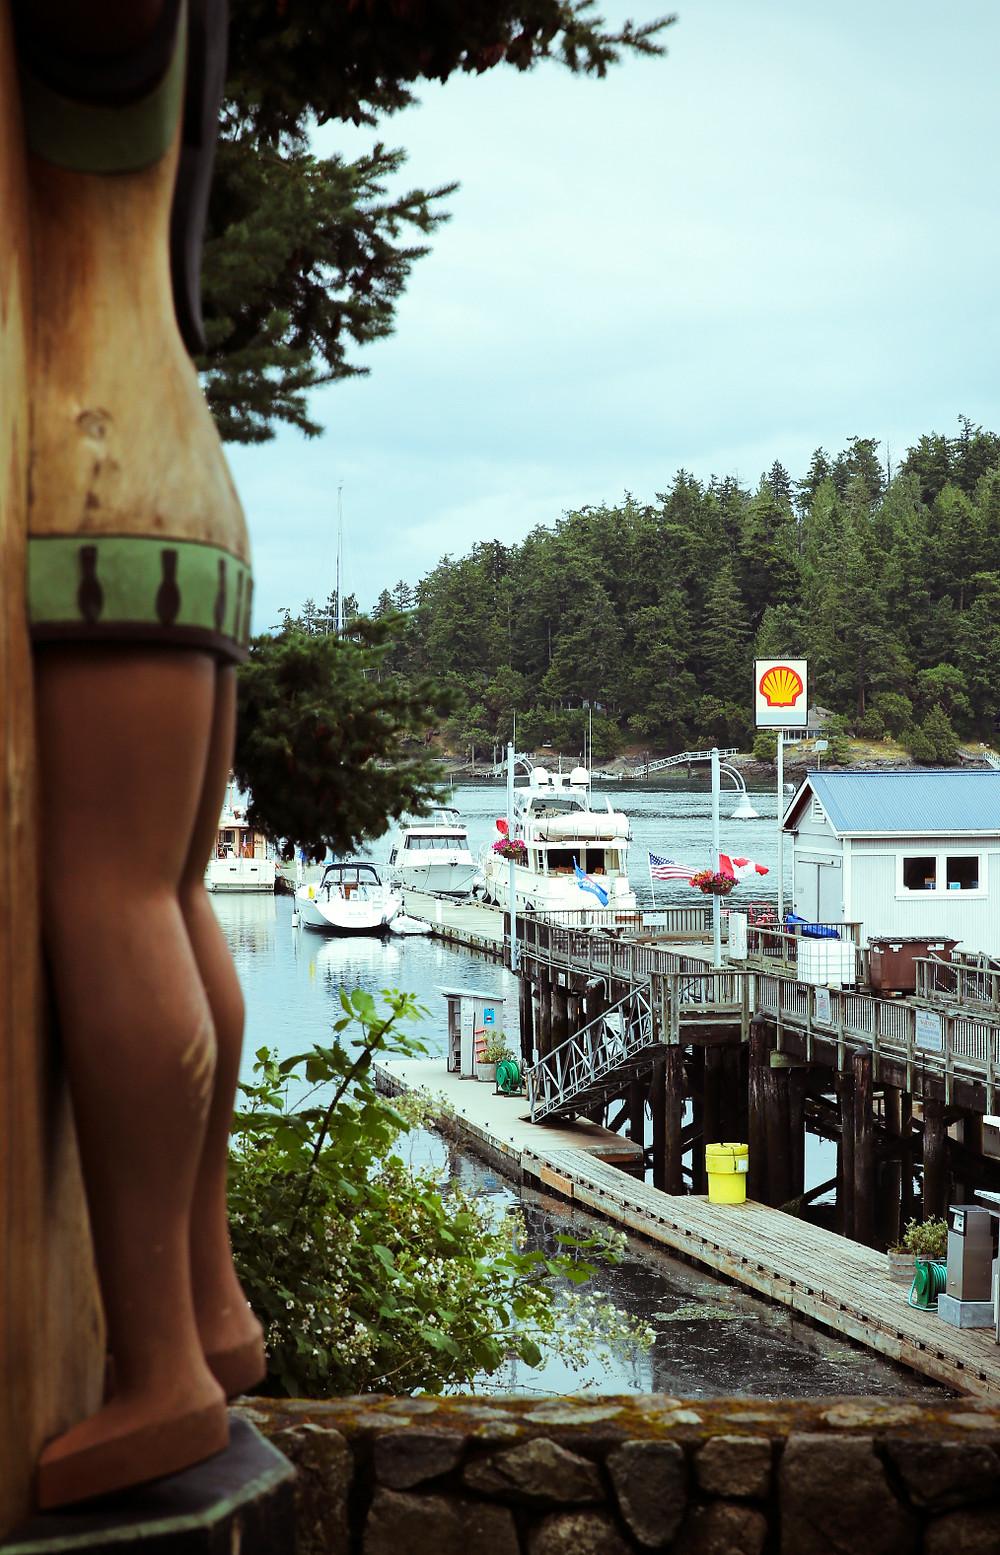 Marina at Roche Harbor San Juan Islands